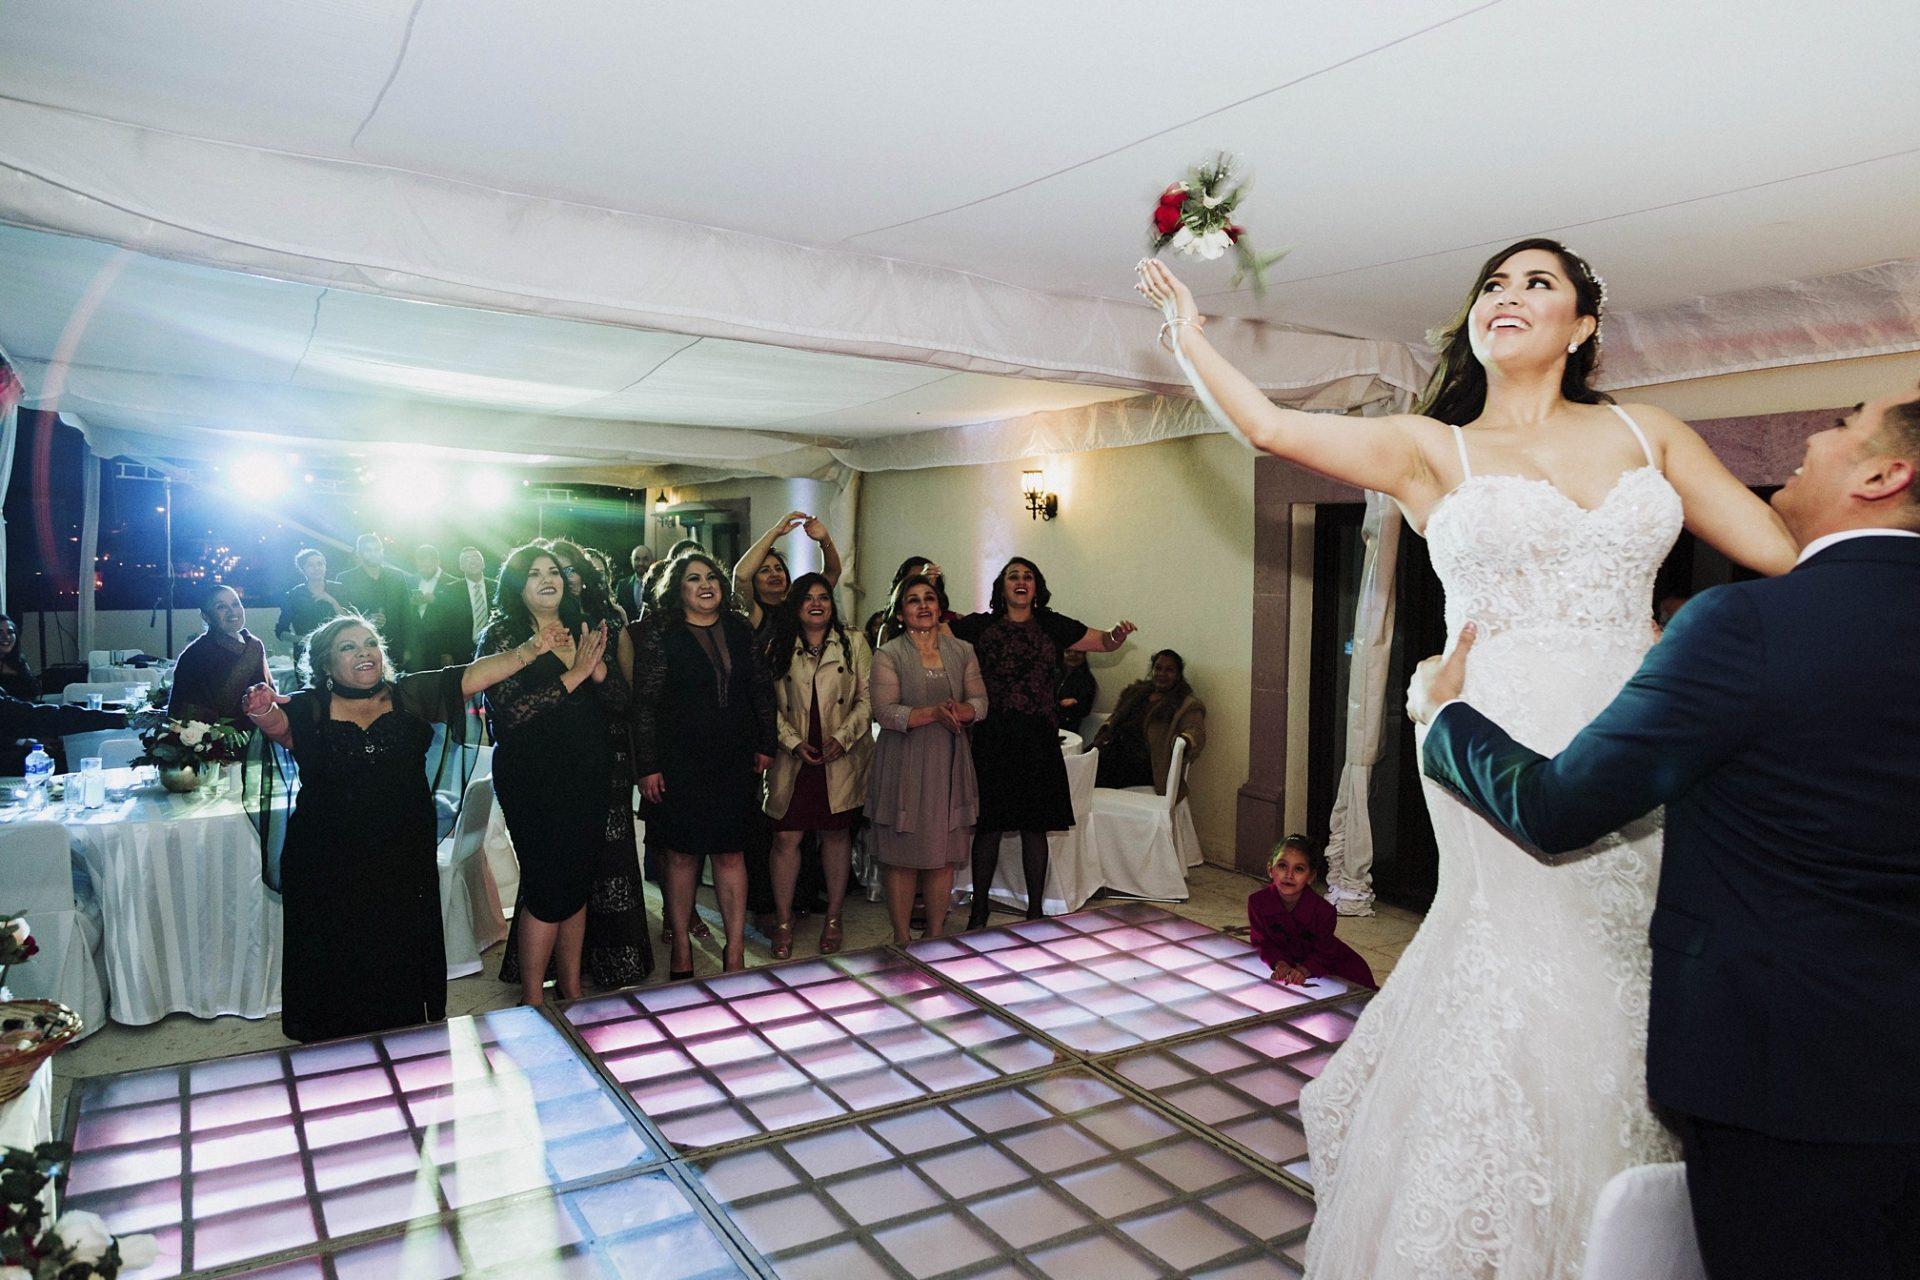 fotografo_profesional_bodas_zacatecas_mexico-78